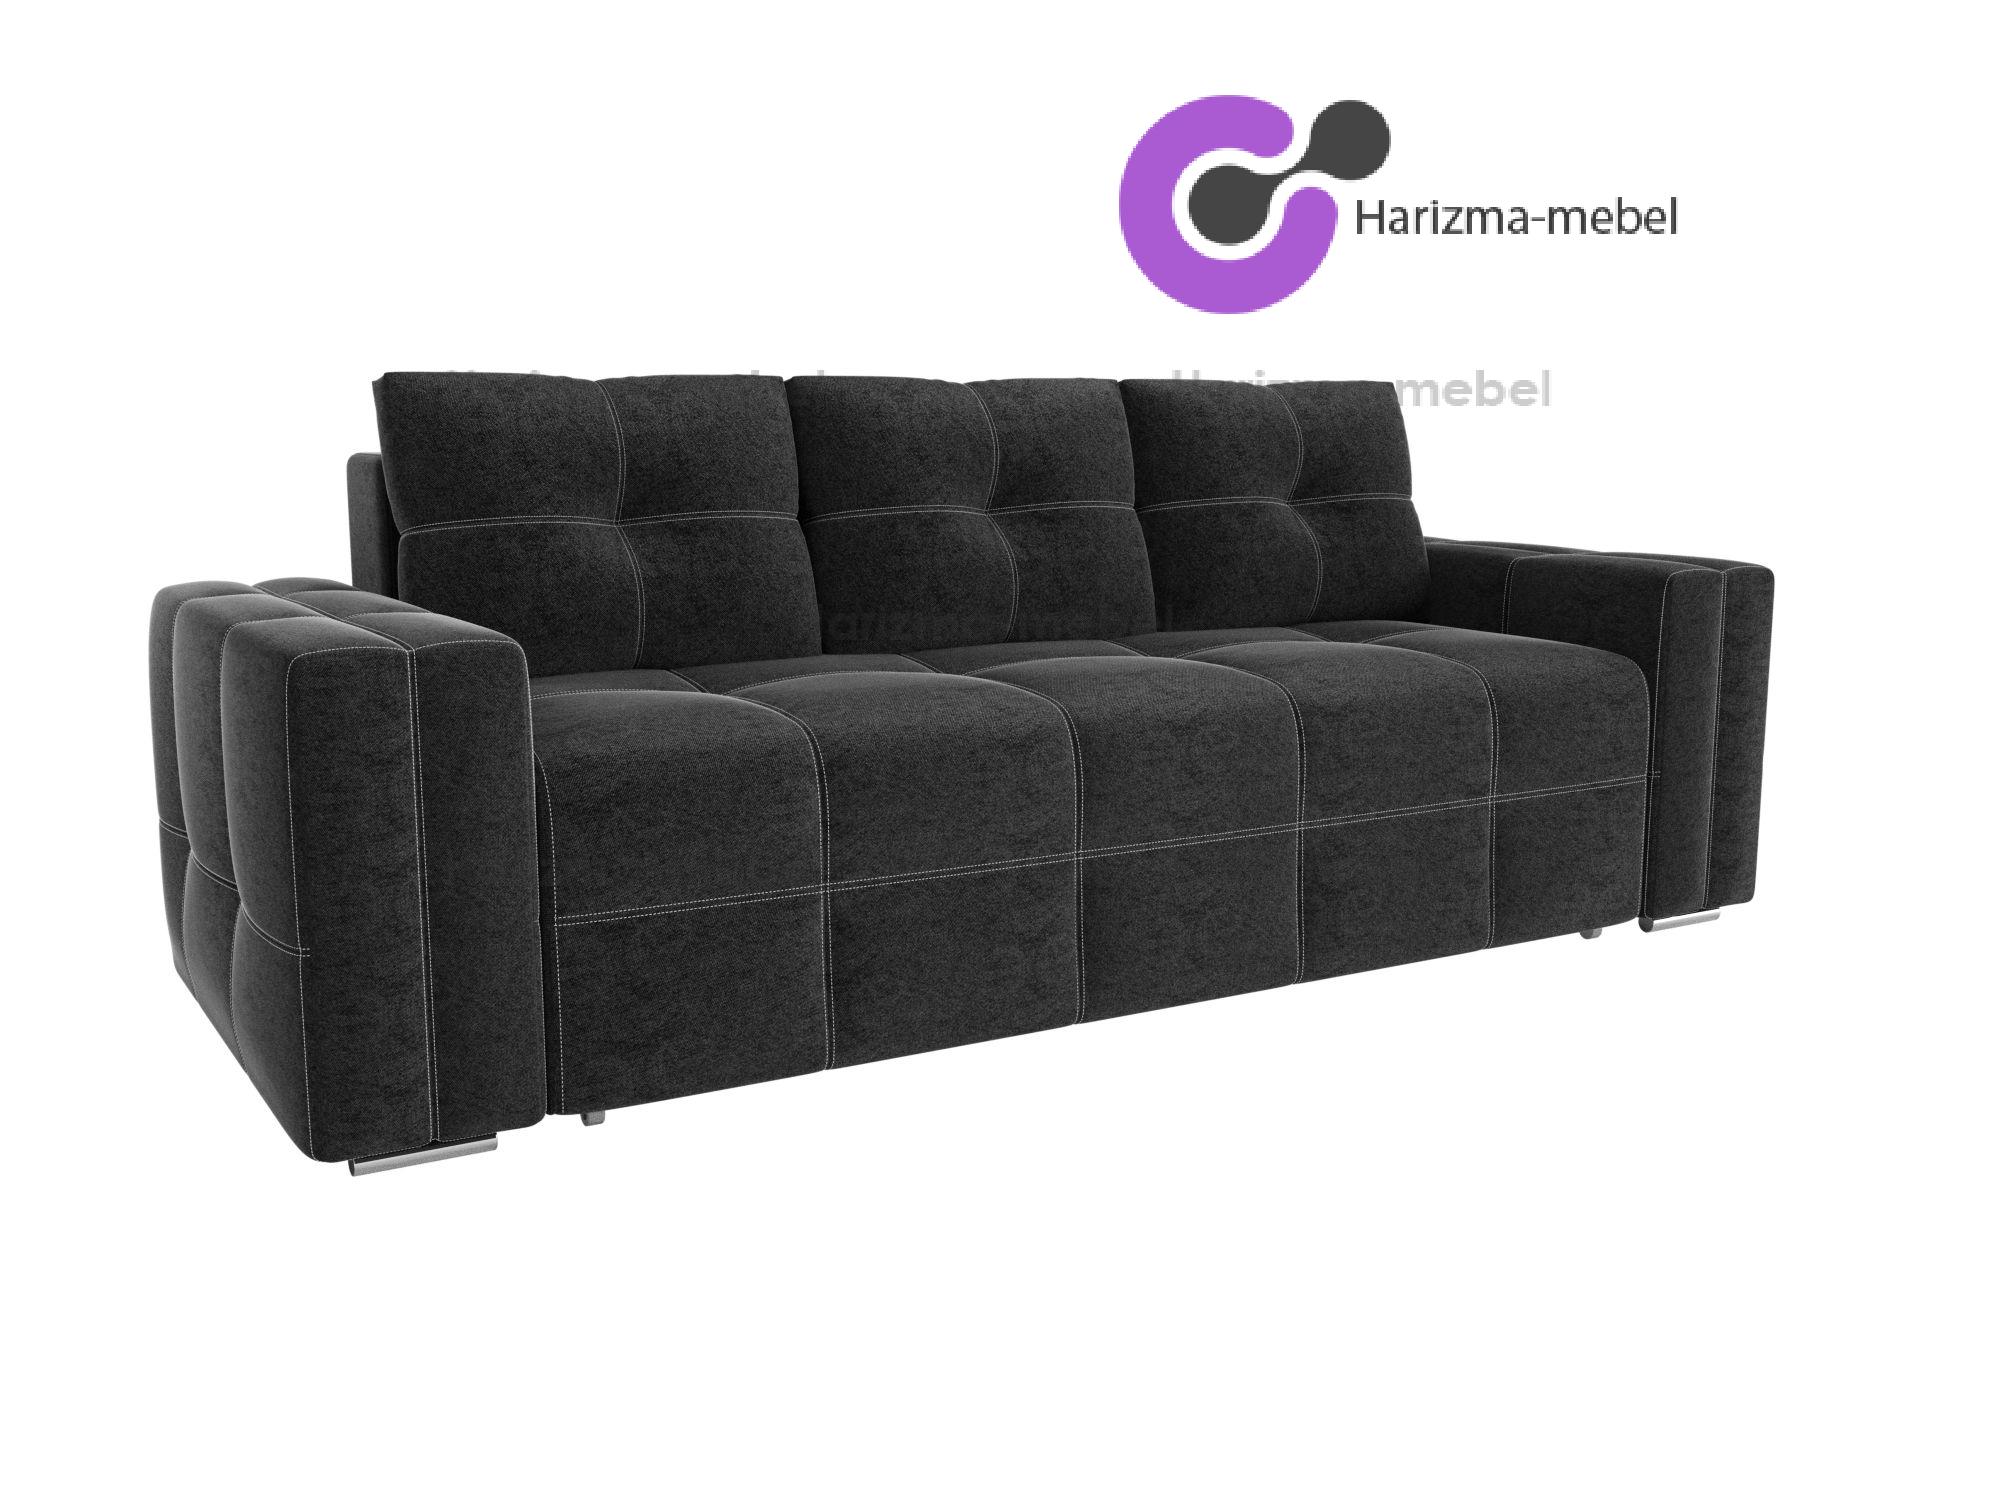 купить диван еврокнижку модульный диван спилберг мод1 в москве